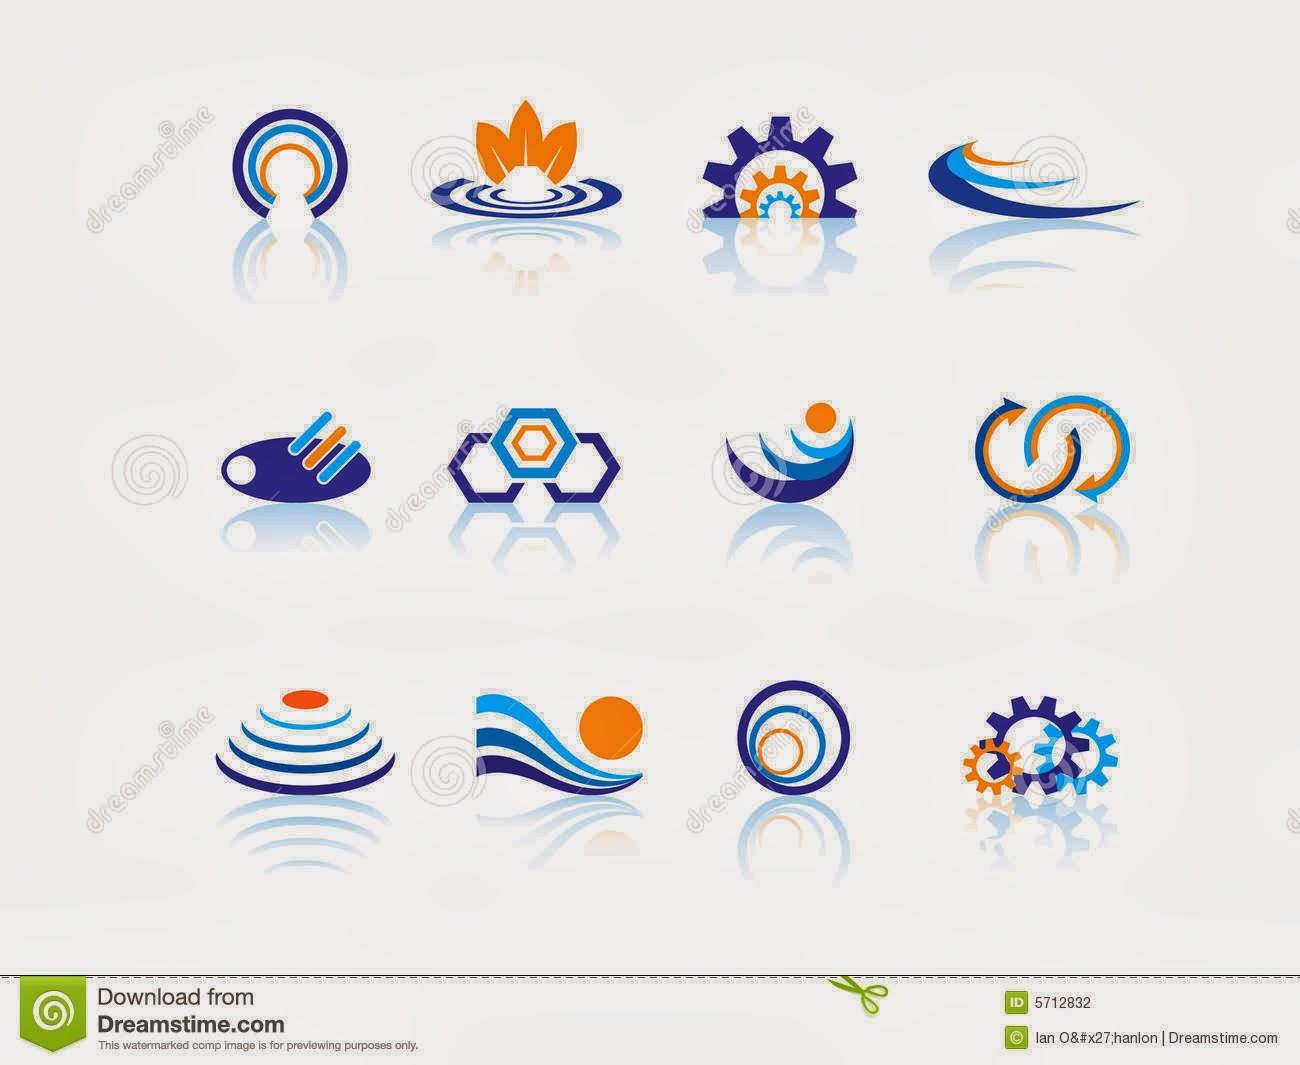 9 Enterprise Logo Design Images